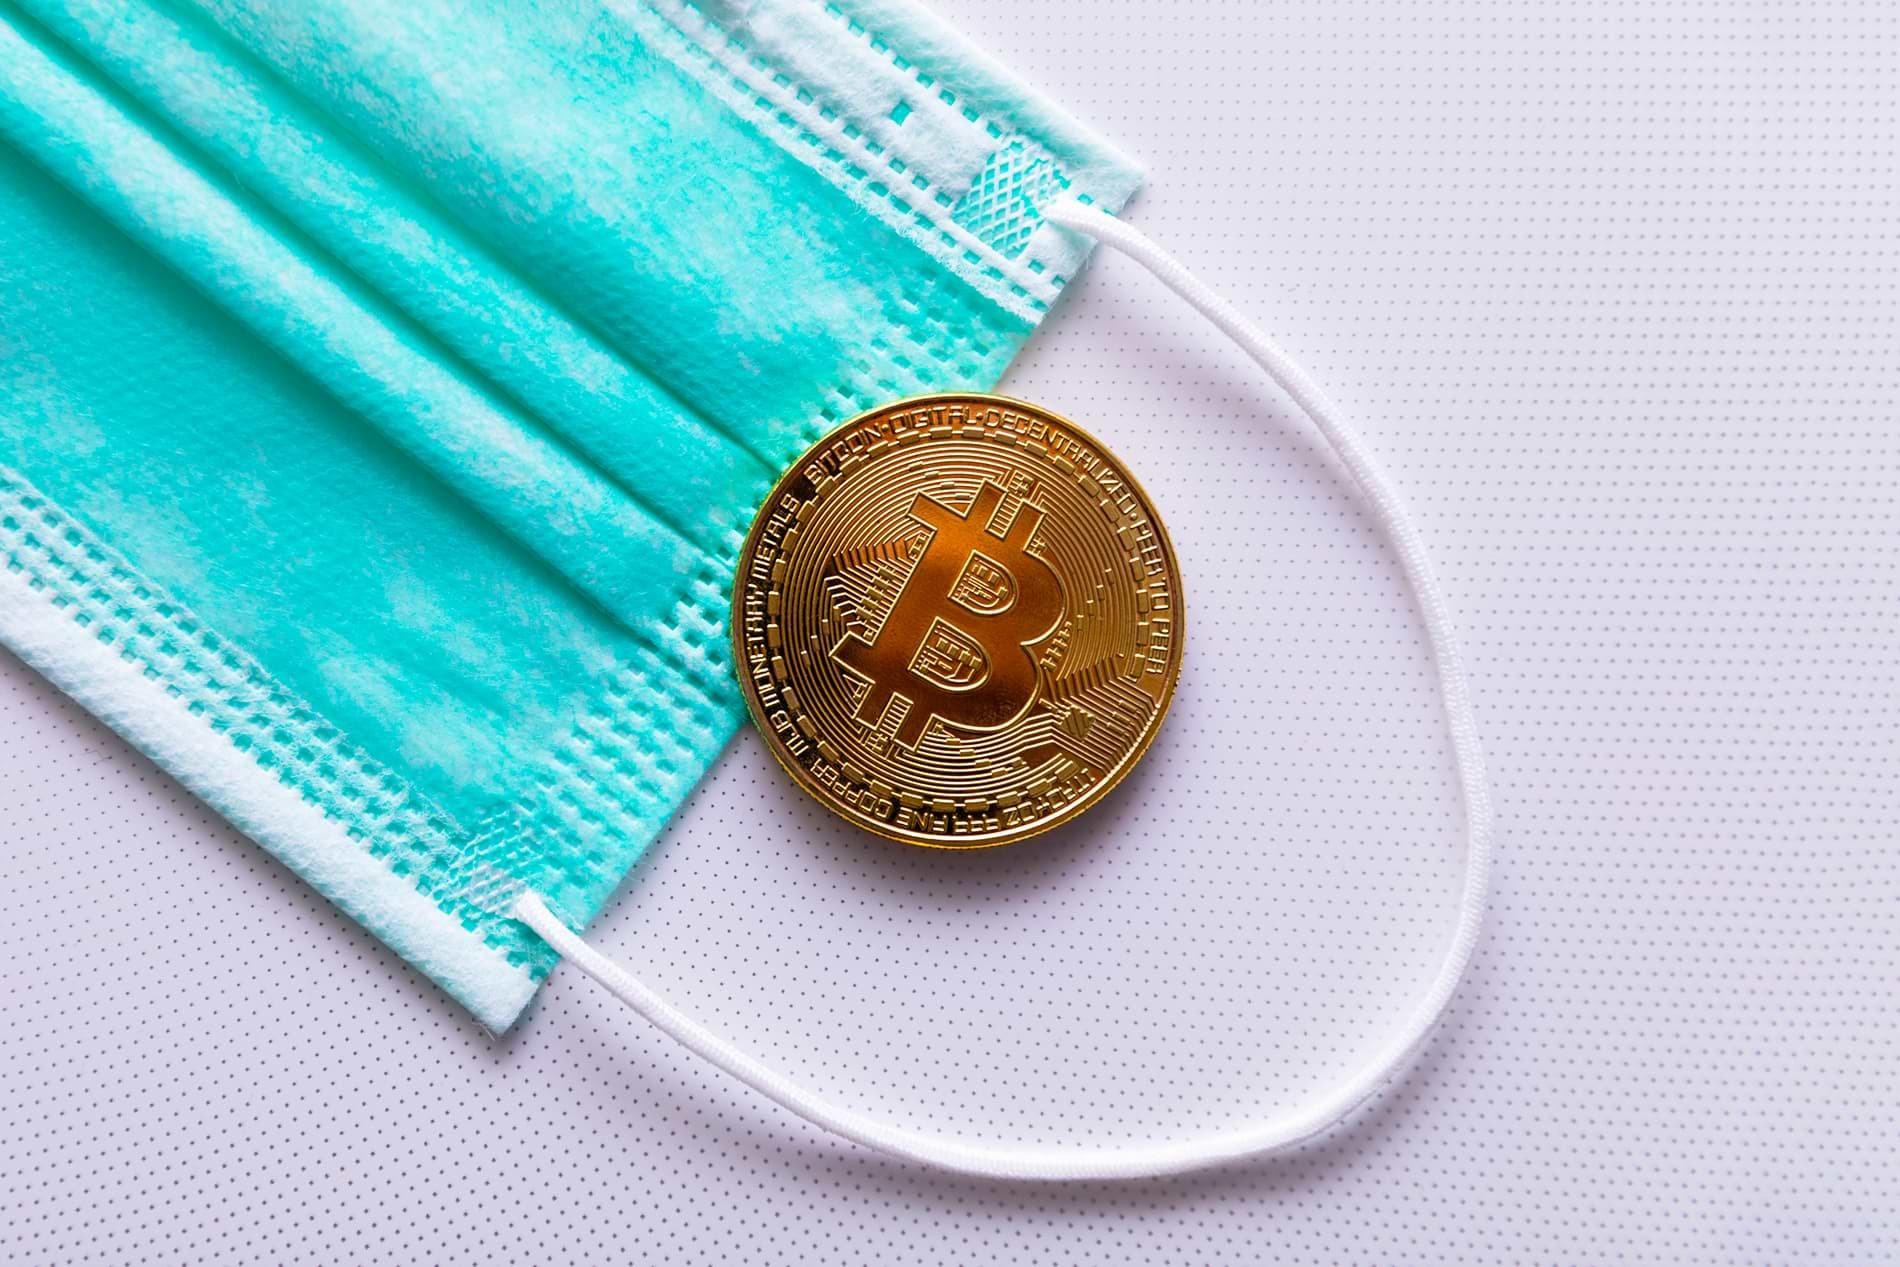 Covid 19 Bitcoin